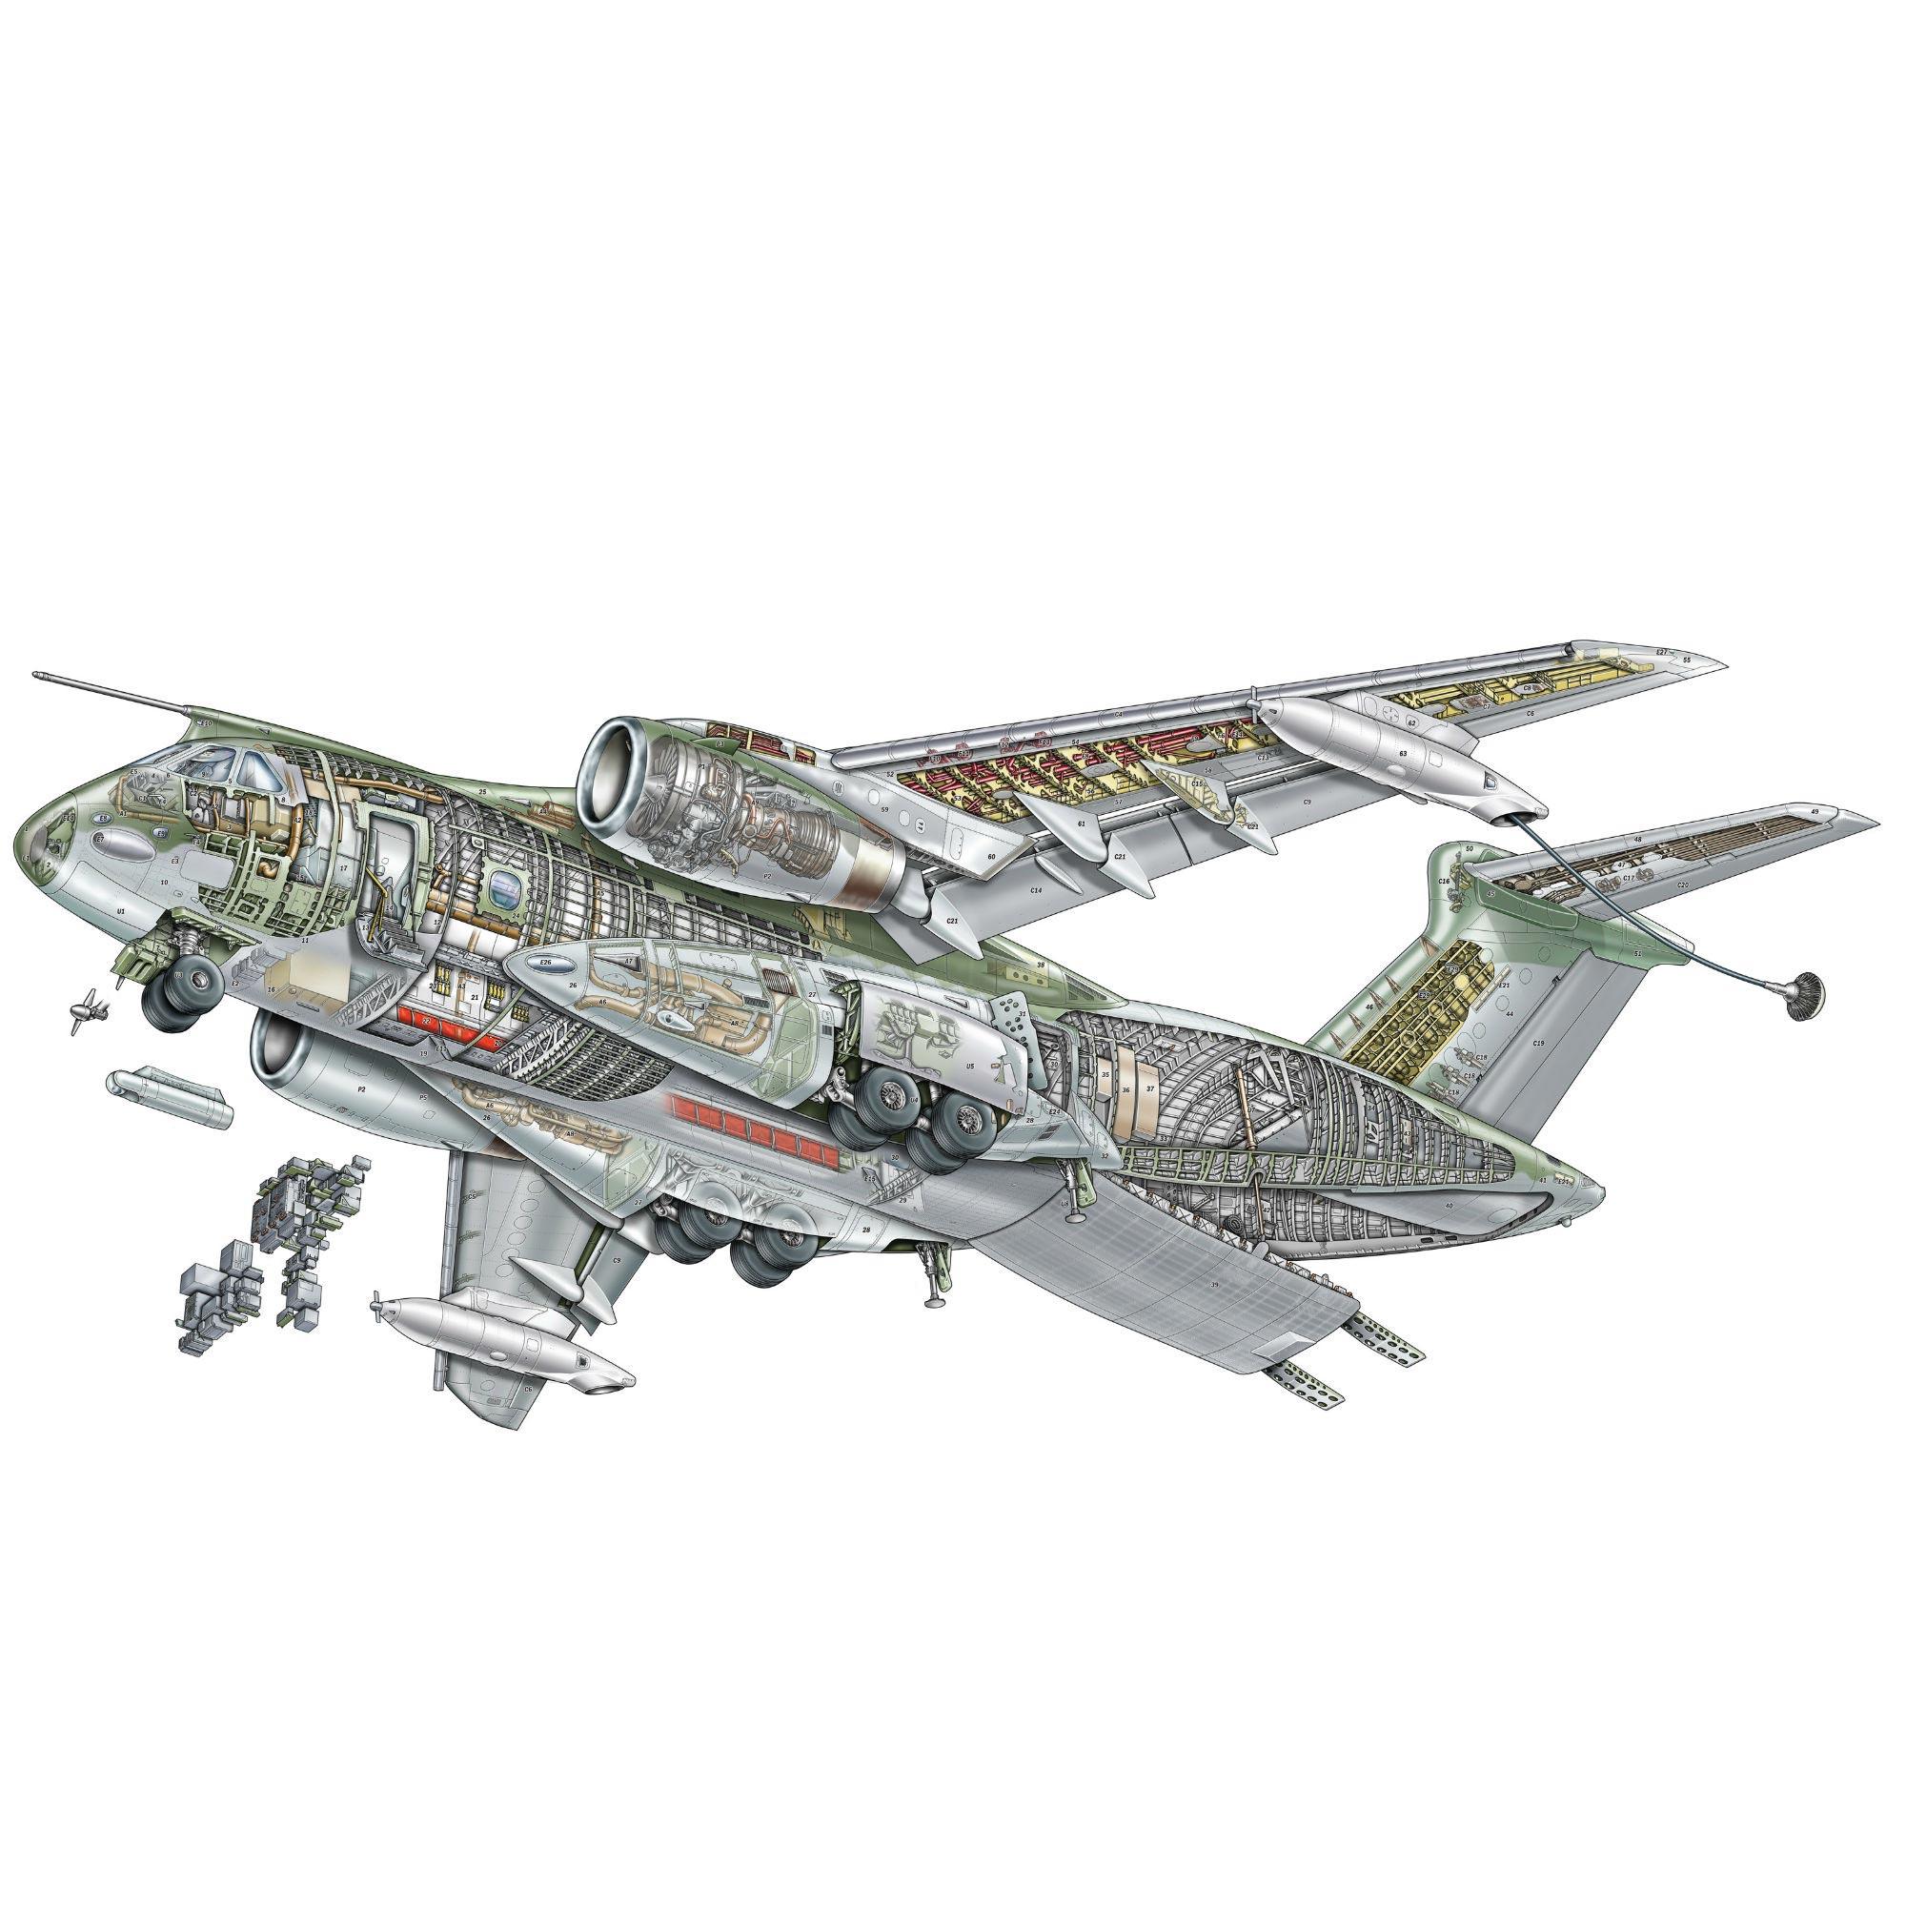 Embraer KC-390 cutaway